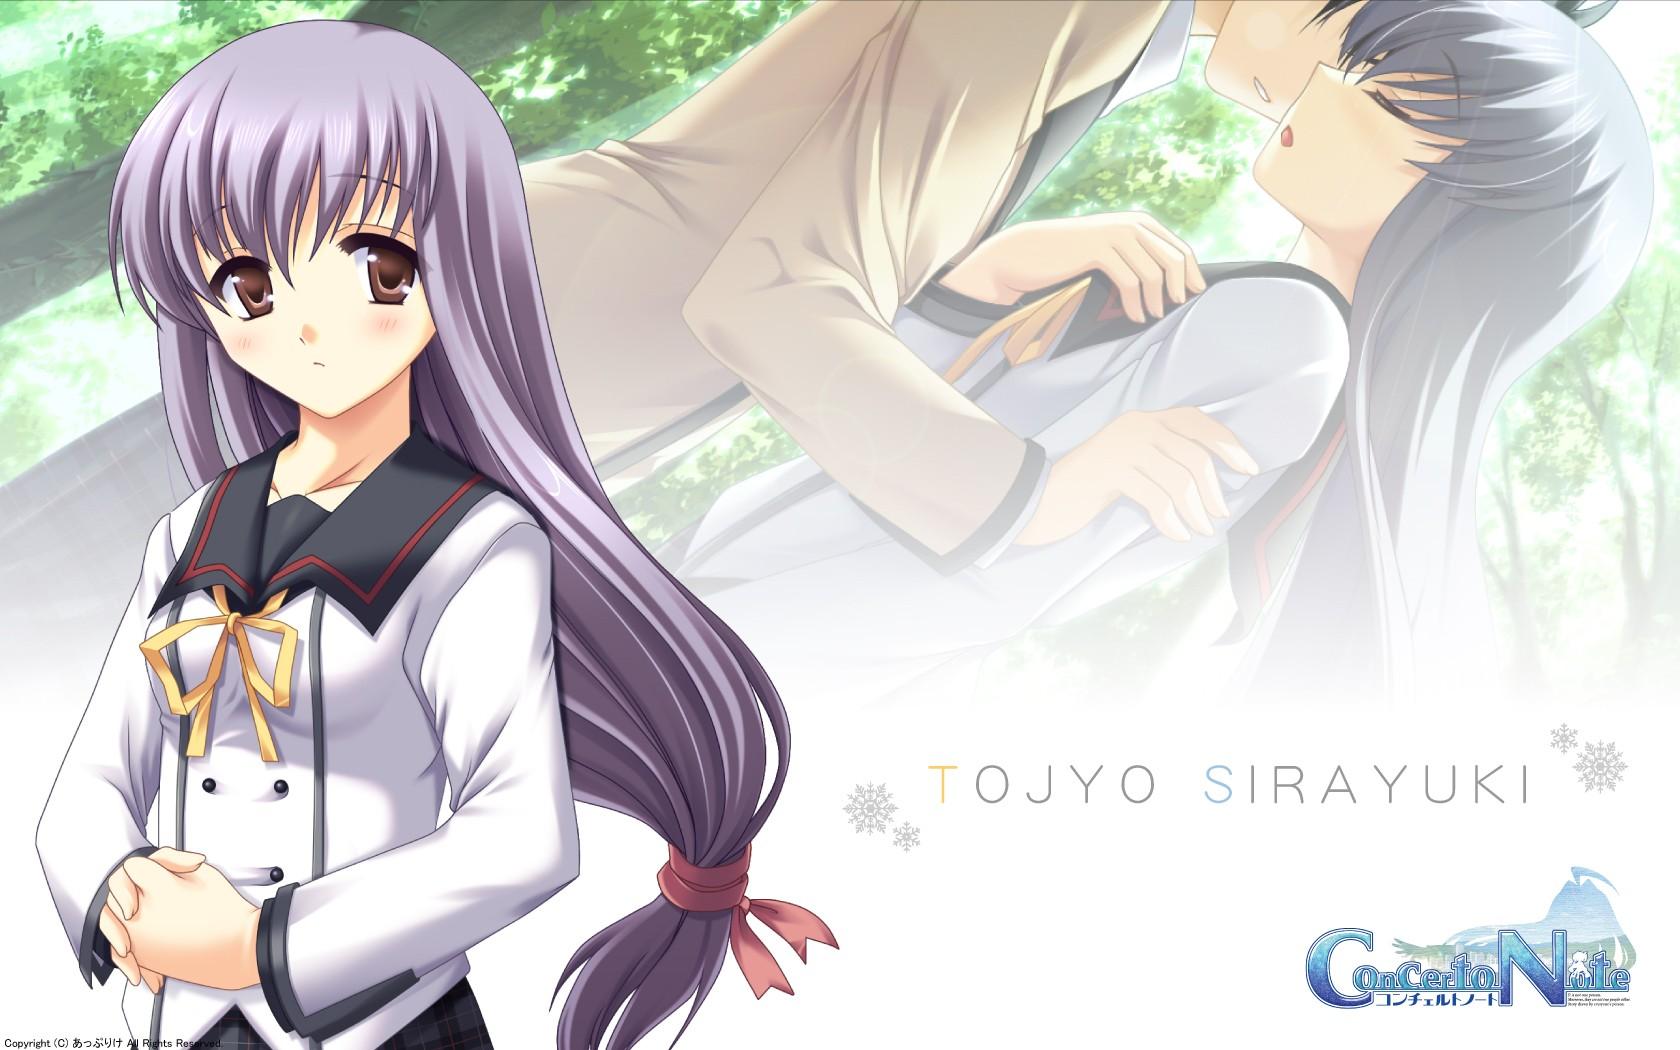 Toujou.Shirayuki.full.1202670